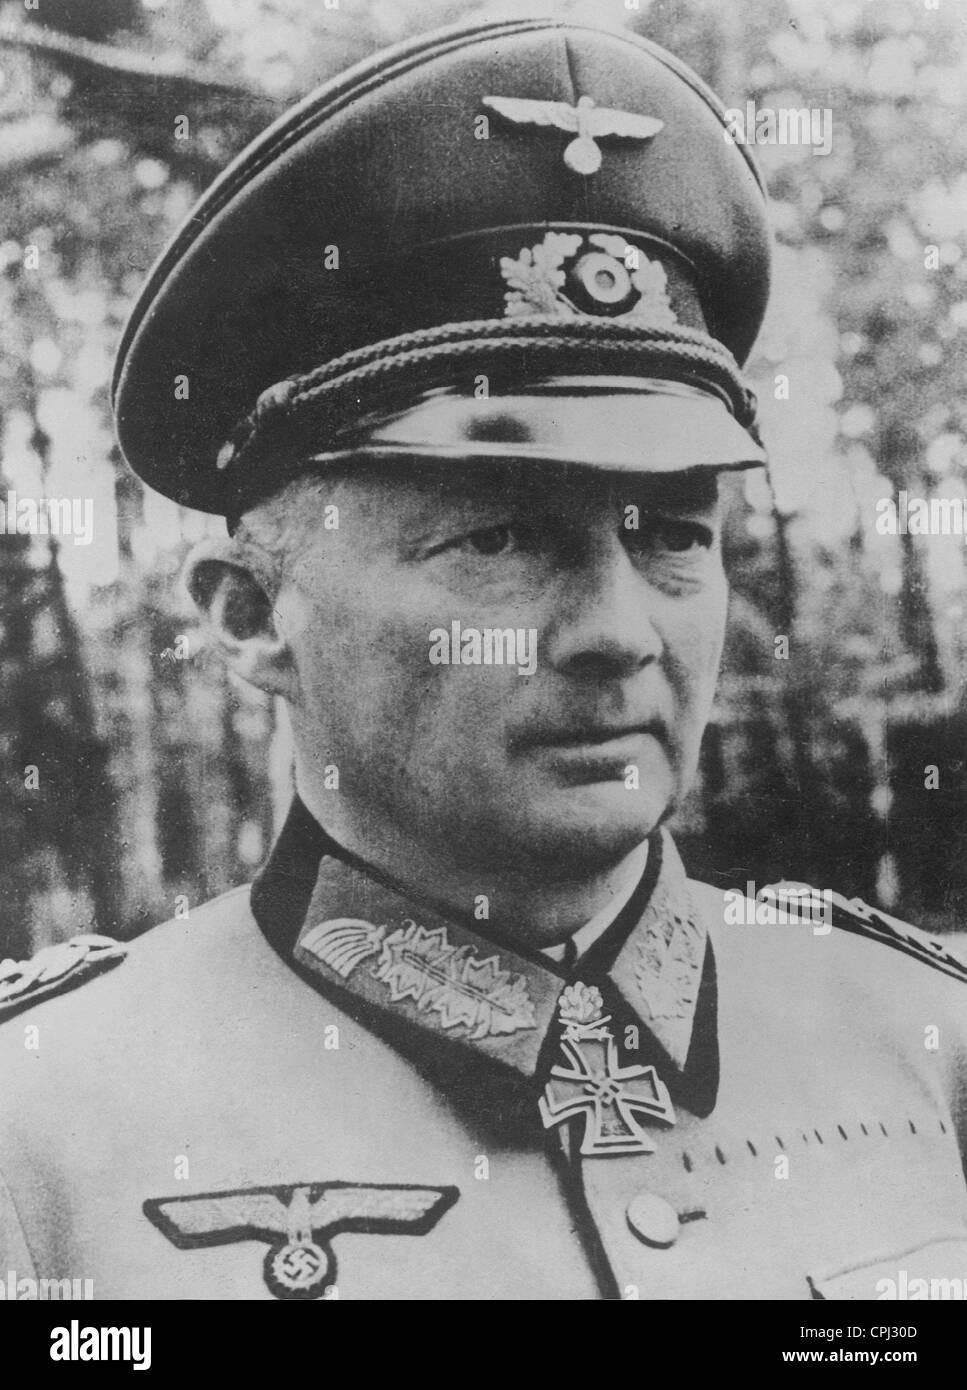 Hans Gunther von Kluge, 1944 - Stock Image